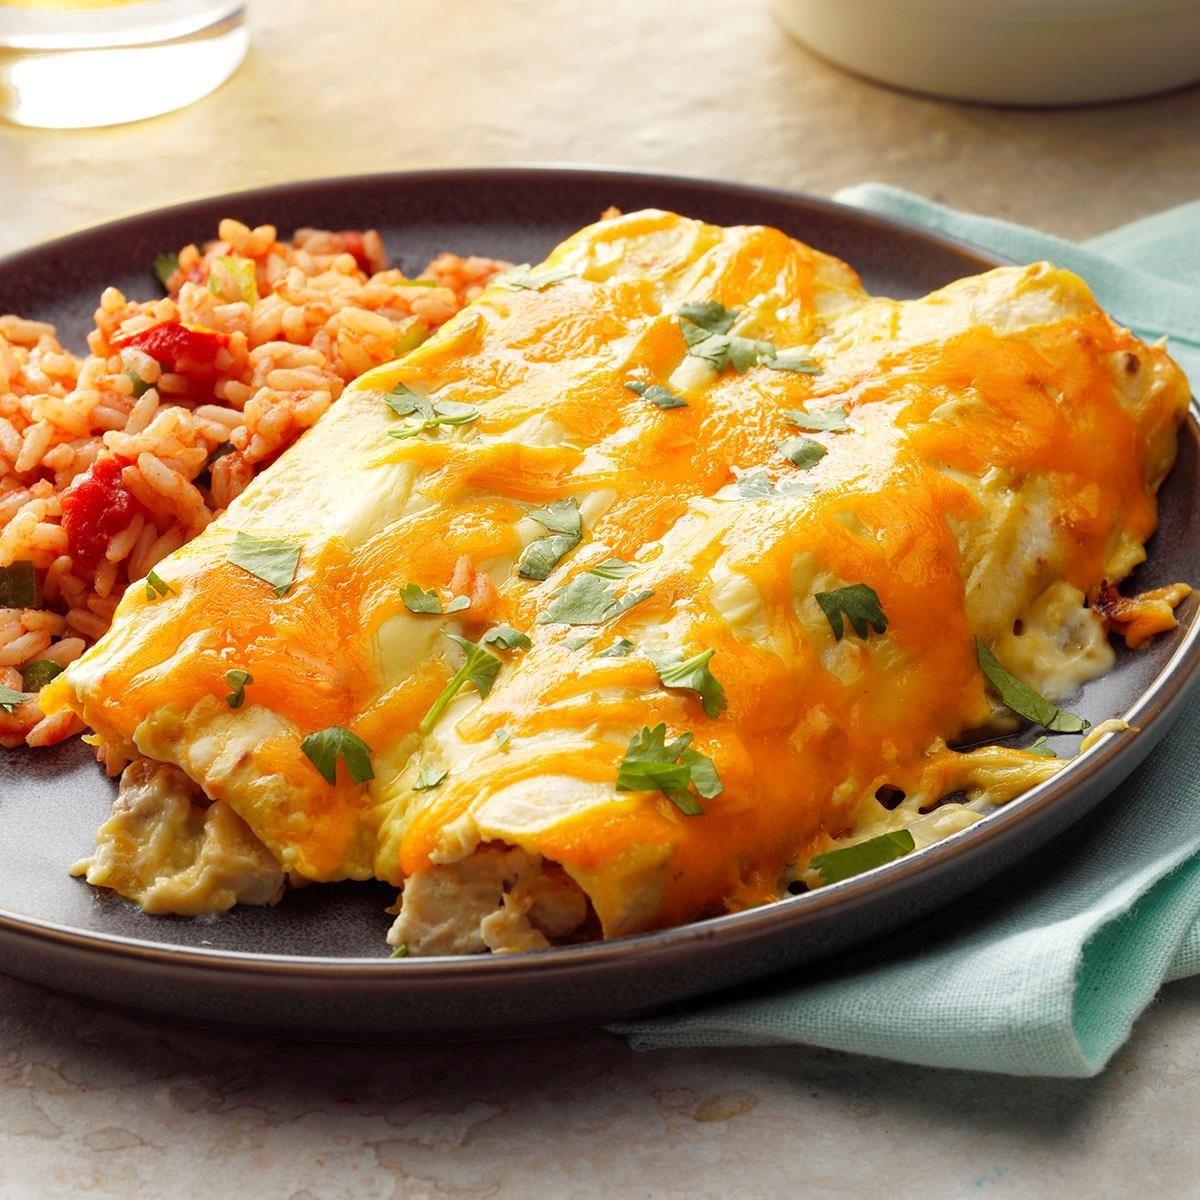 Creamy Chicken Enchiladas Recipe | Taste of Home